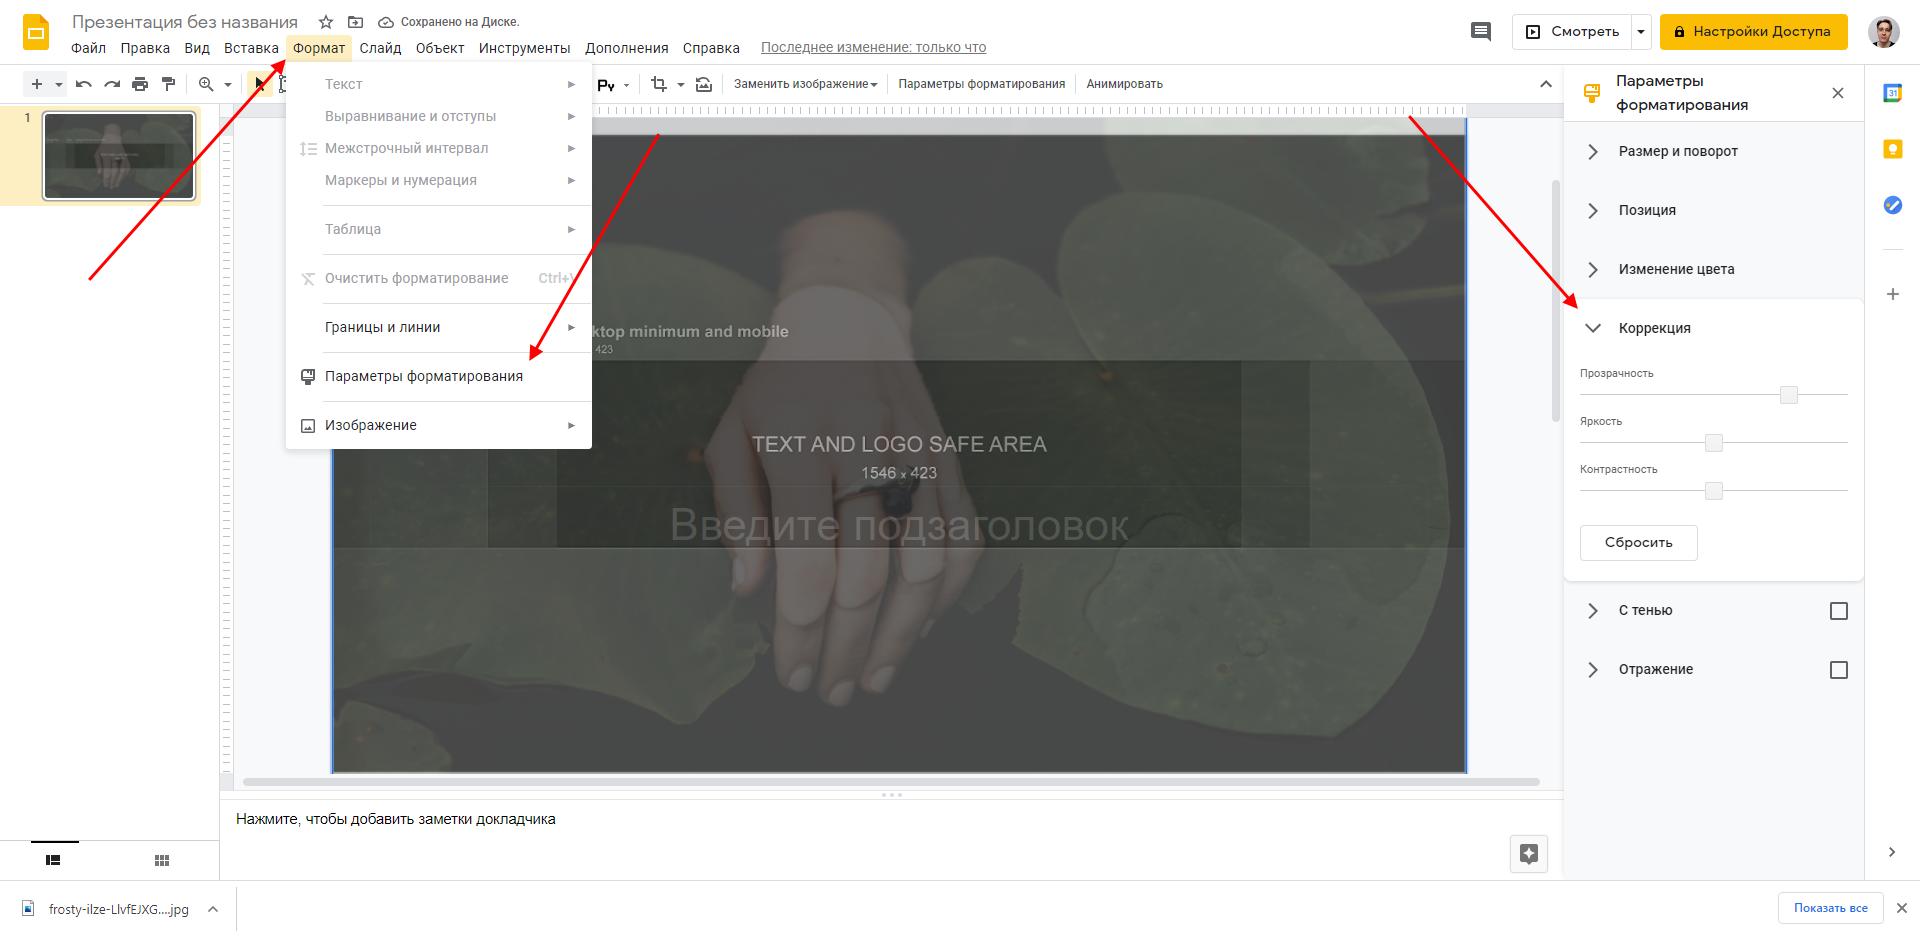 Как изменить прозрачность фотографии в Google презентациях